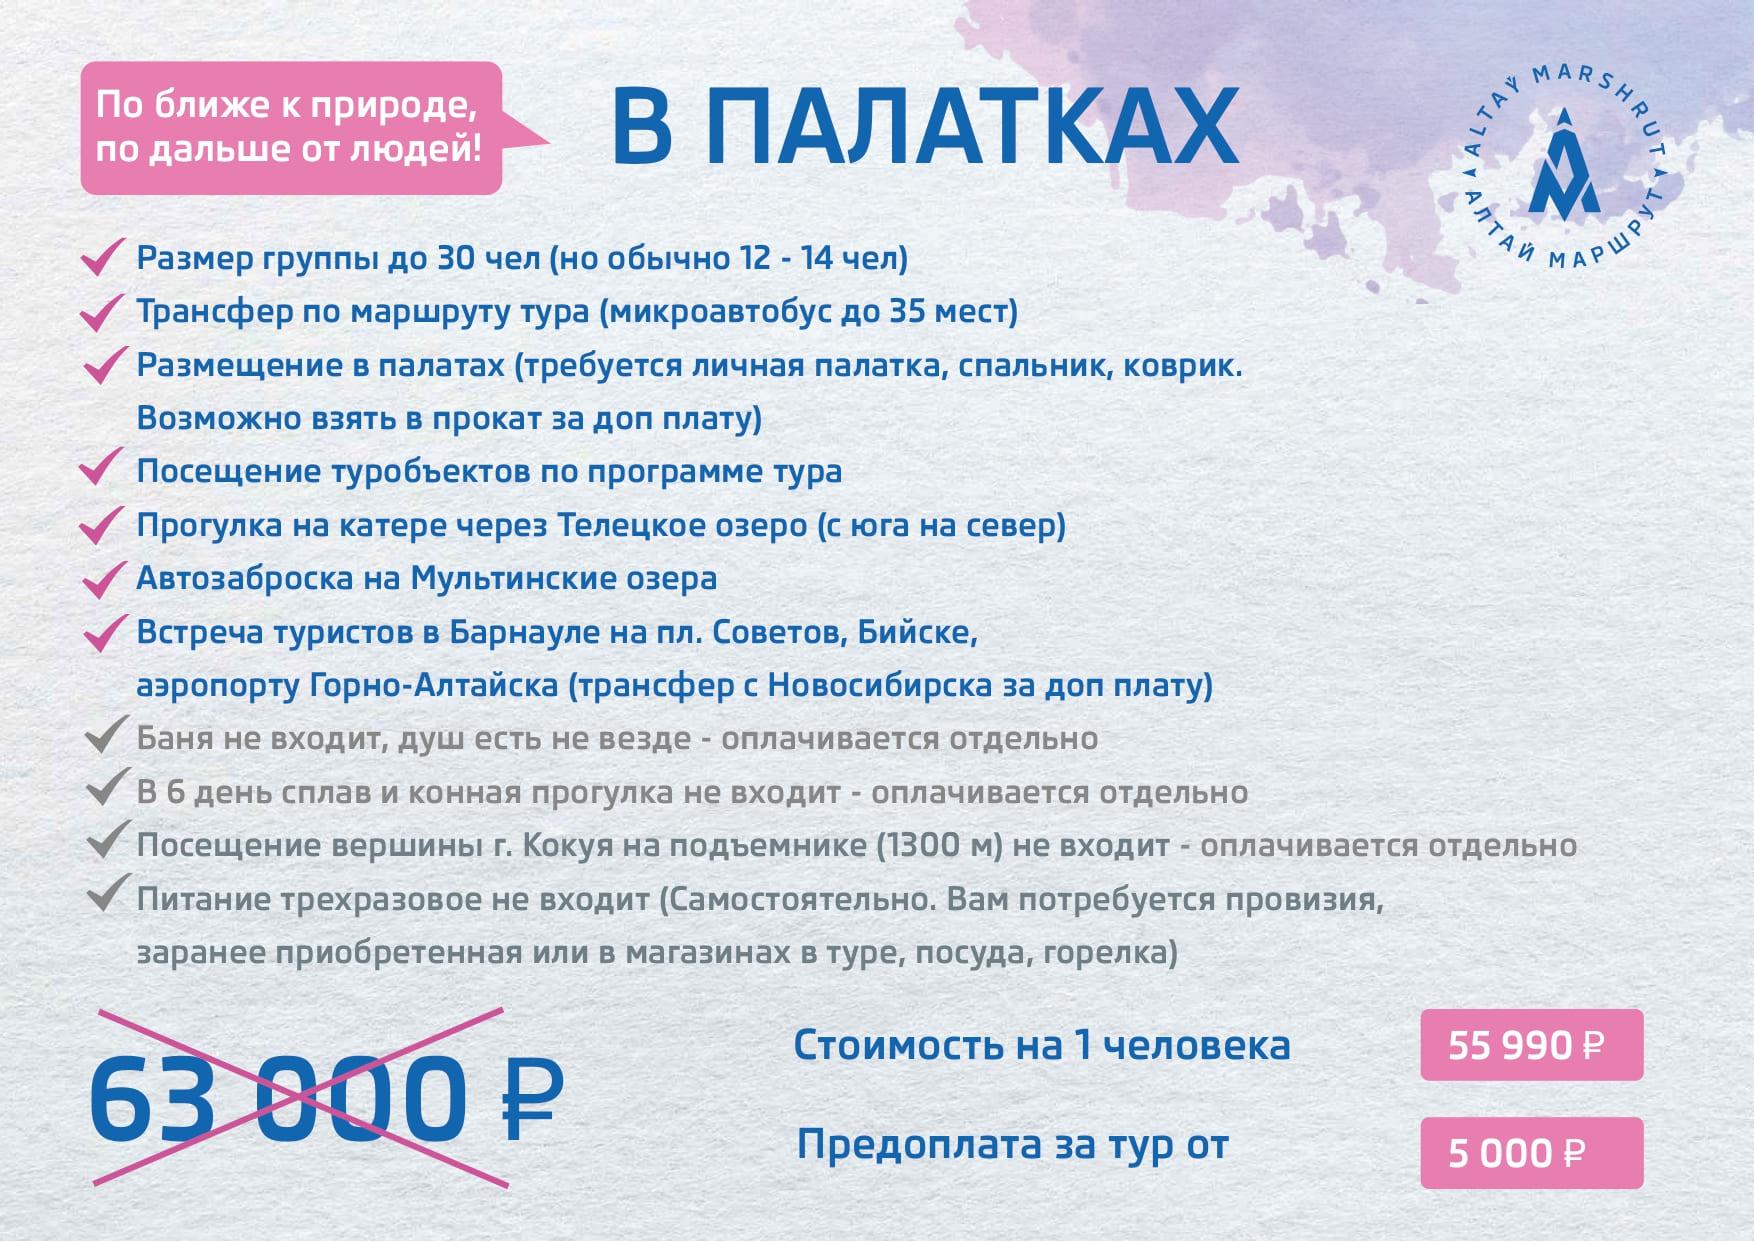 Весь Алтай 13 д_compressed (3)_page-0032